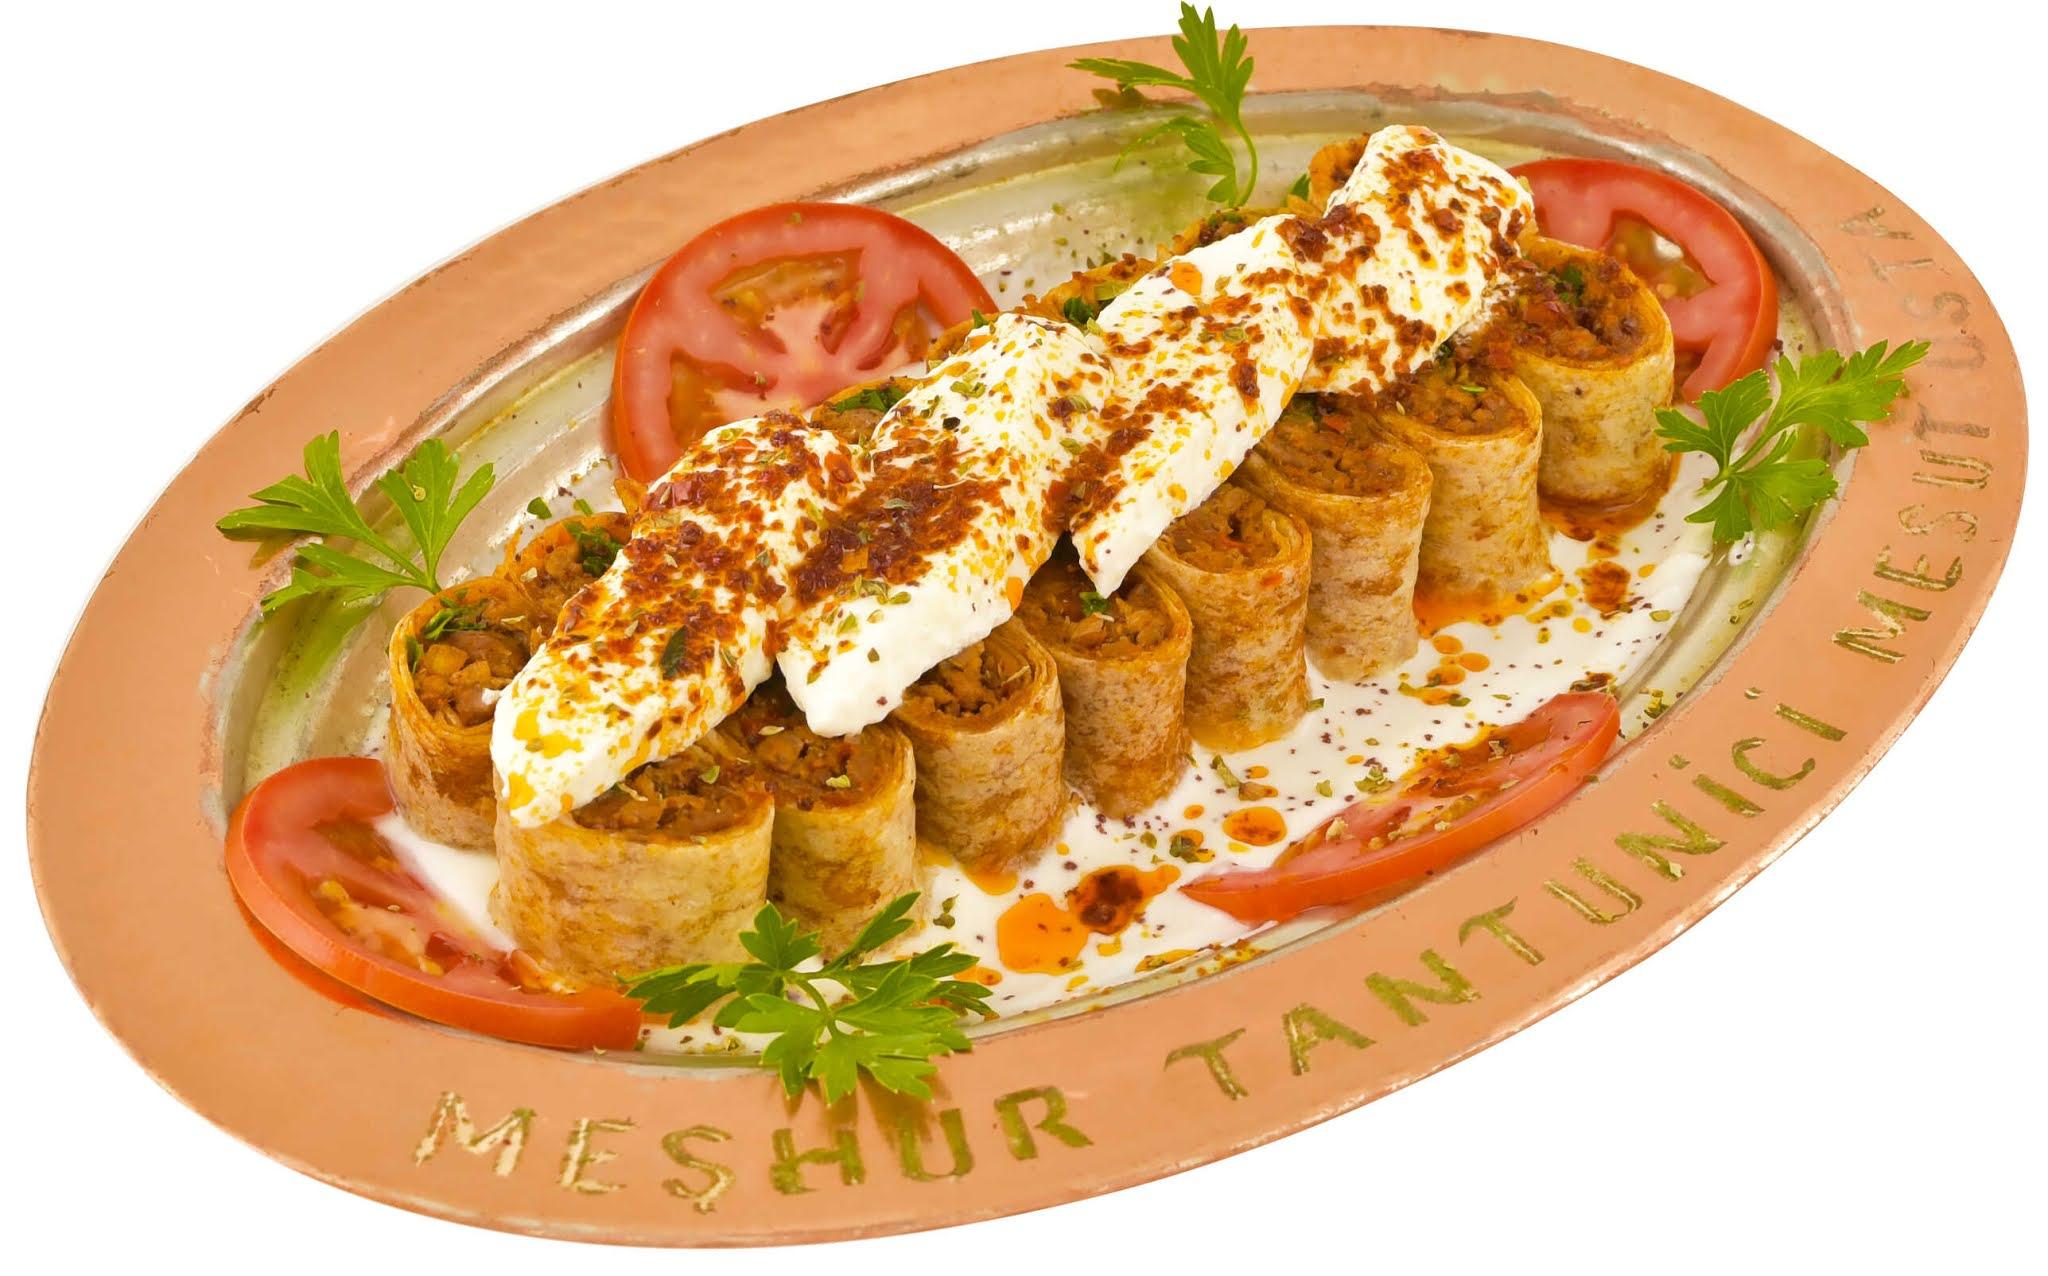 meşhur tantunici mesut usta bağcılar istanbul menü fiyat listesi tavuk tantuni sipariş